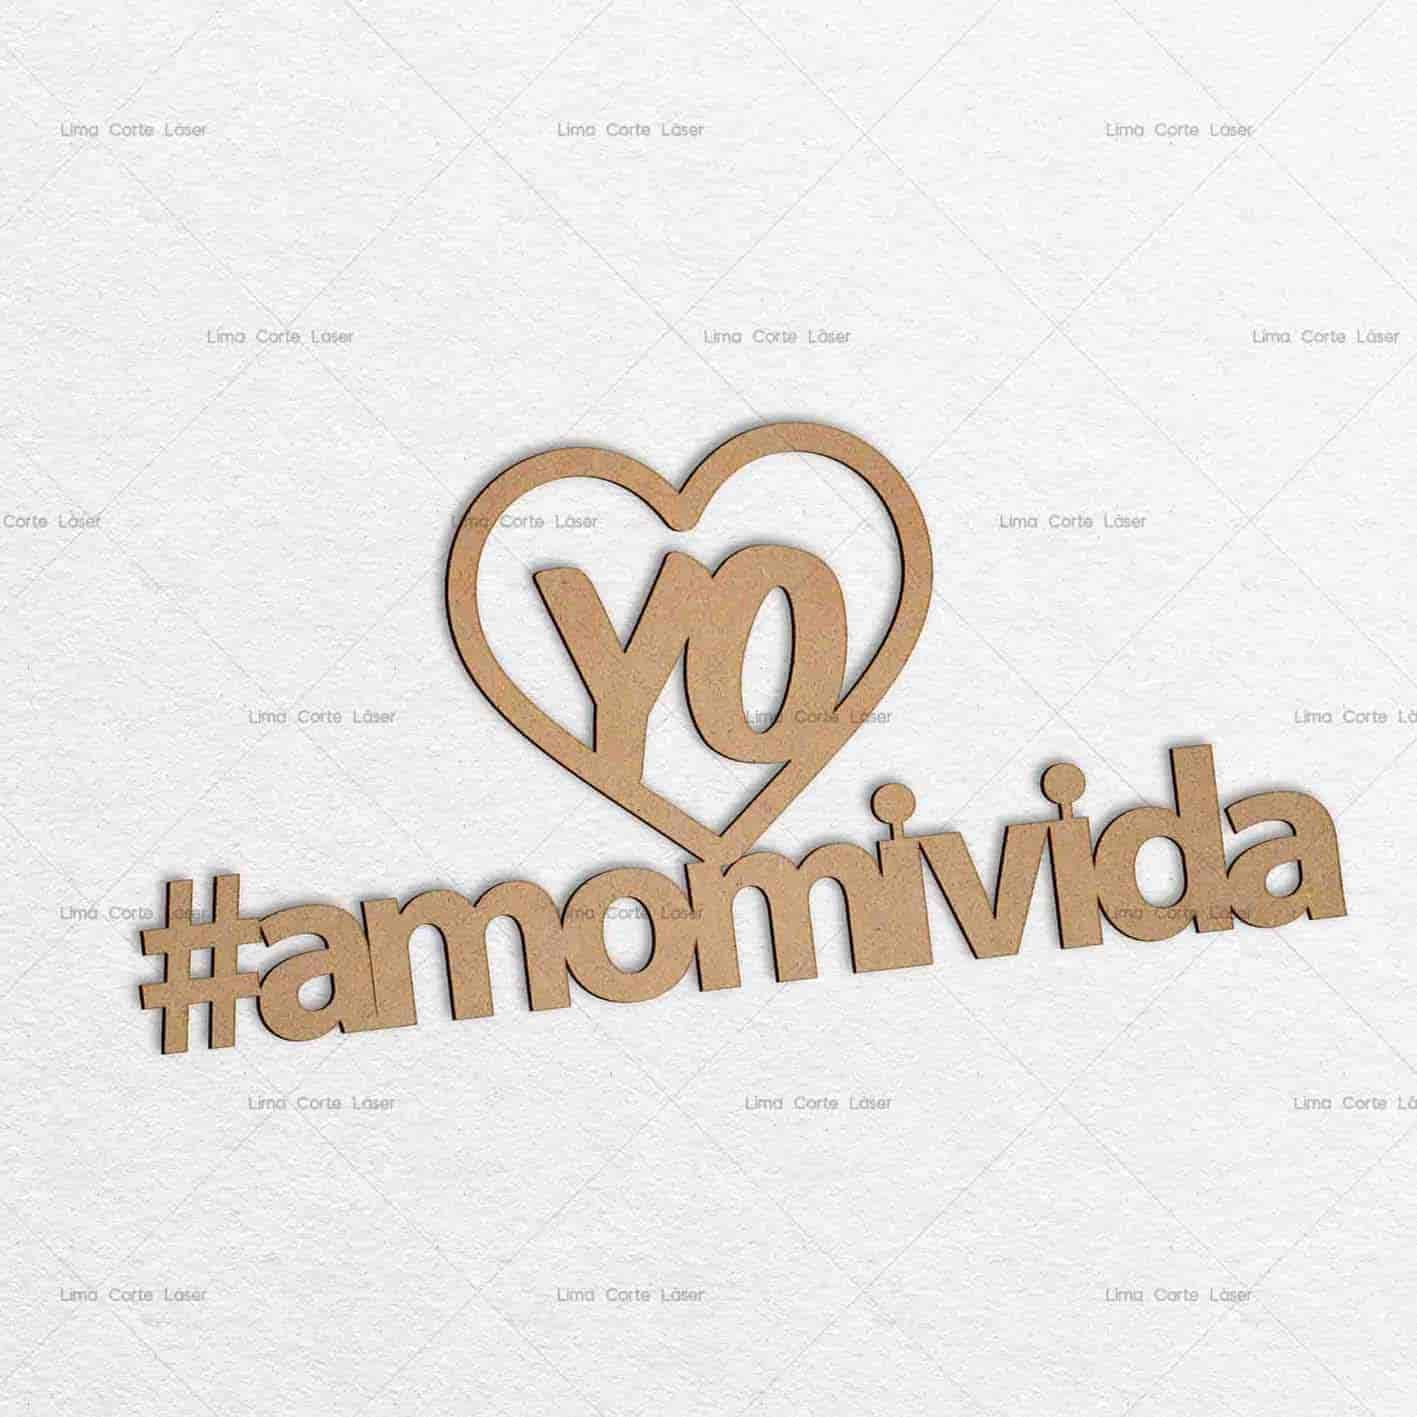 Adorno para pared con el hashtag #amomivida hecho de mdf y cortado con láser